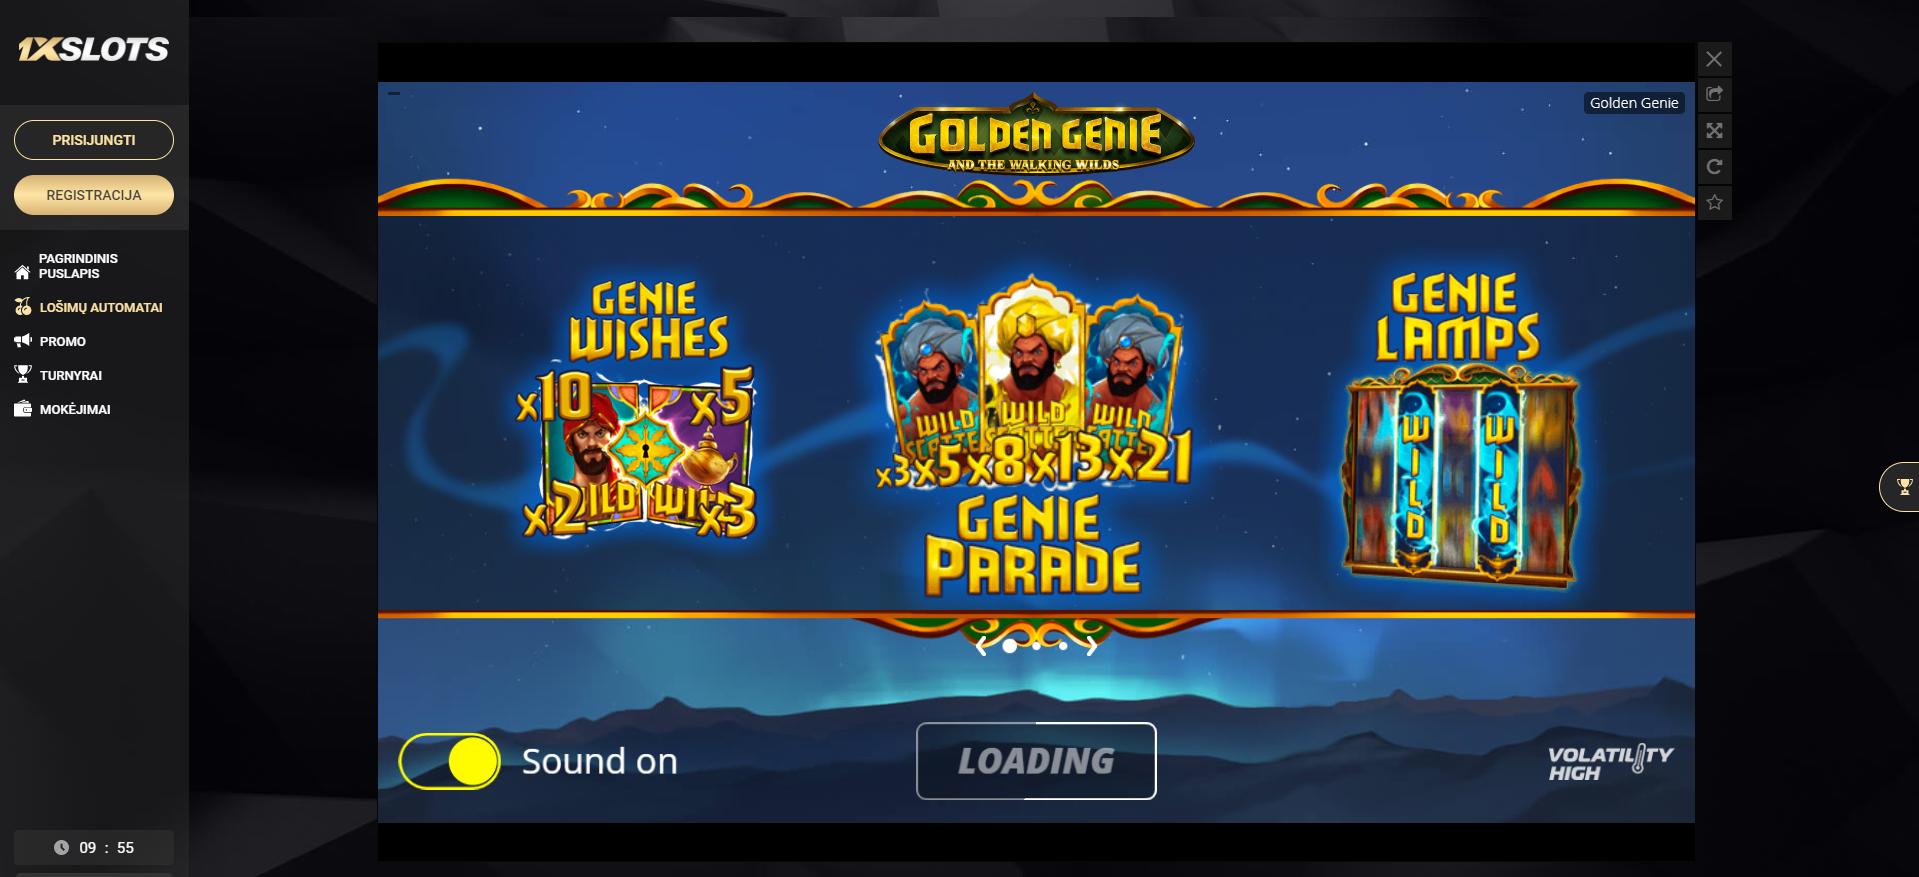 1xslots nolimit city golden genie lošimo automatas slots genie parade